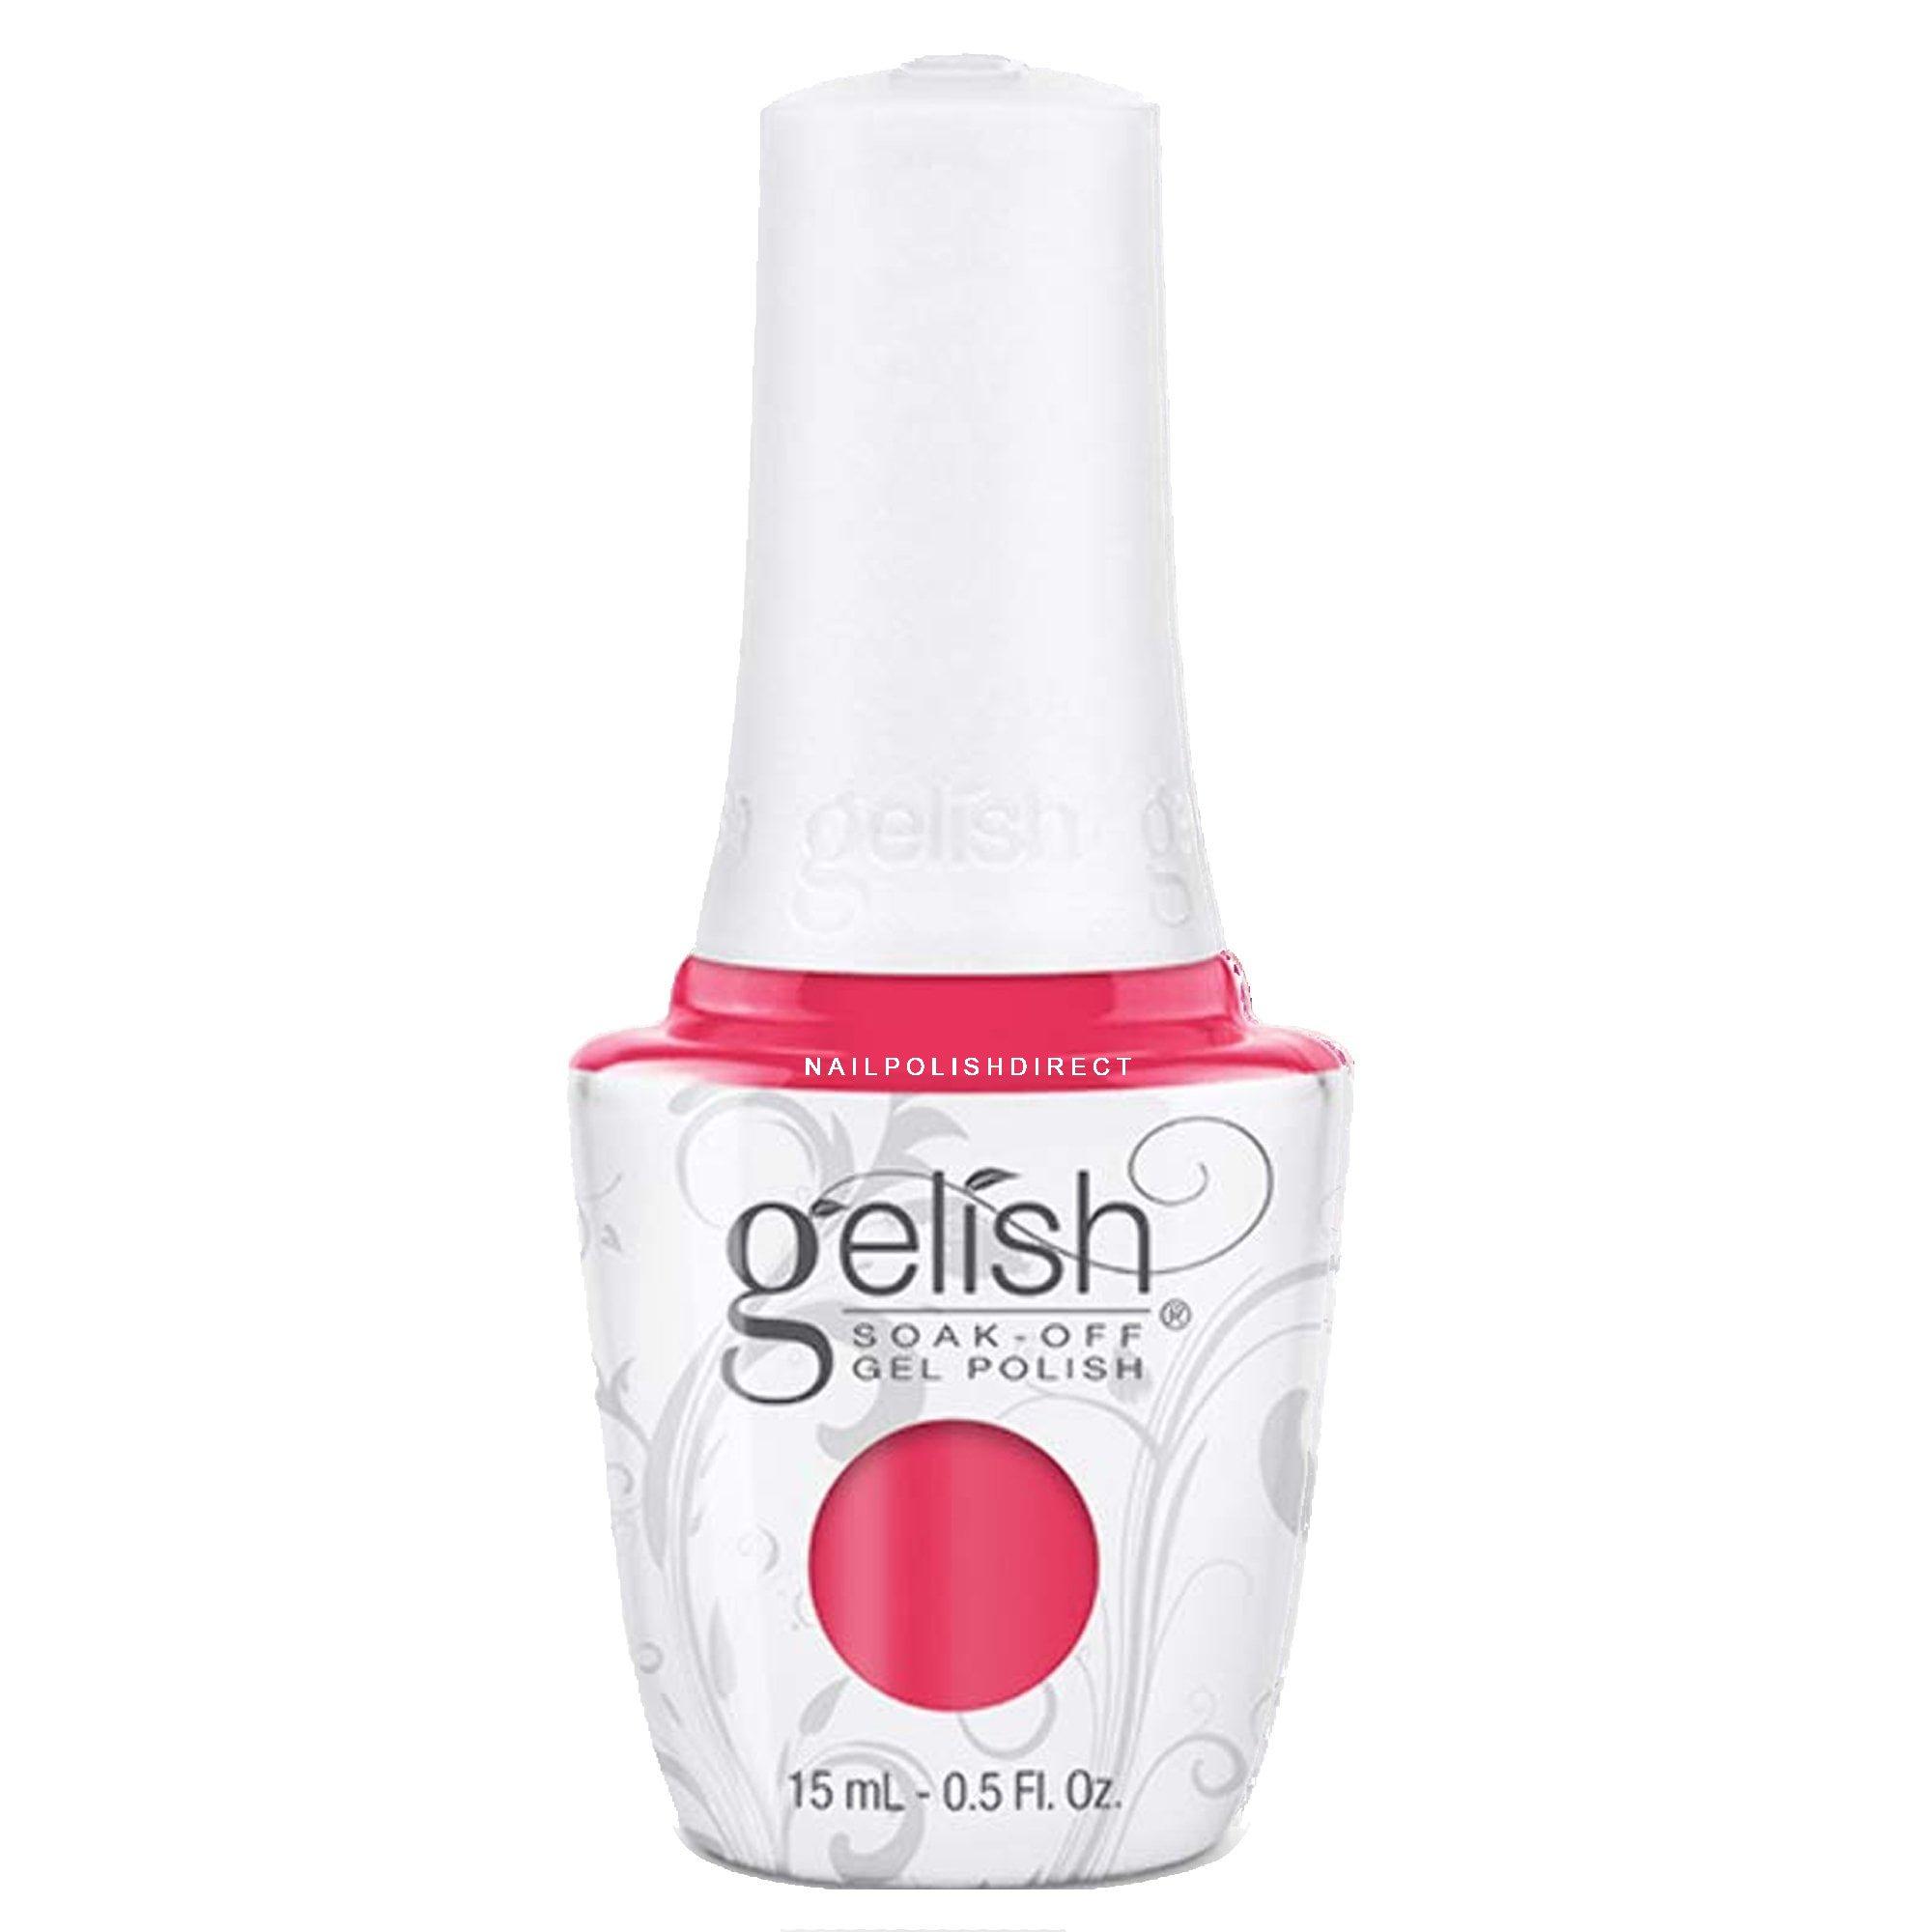 Passion Nail Polish: Gelish Soak-Off Gel Nail Polish